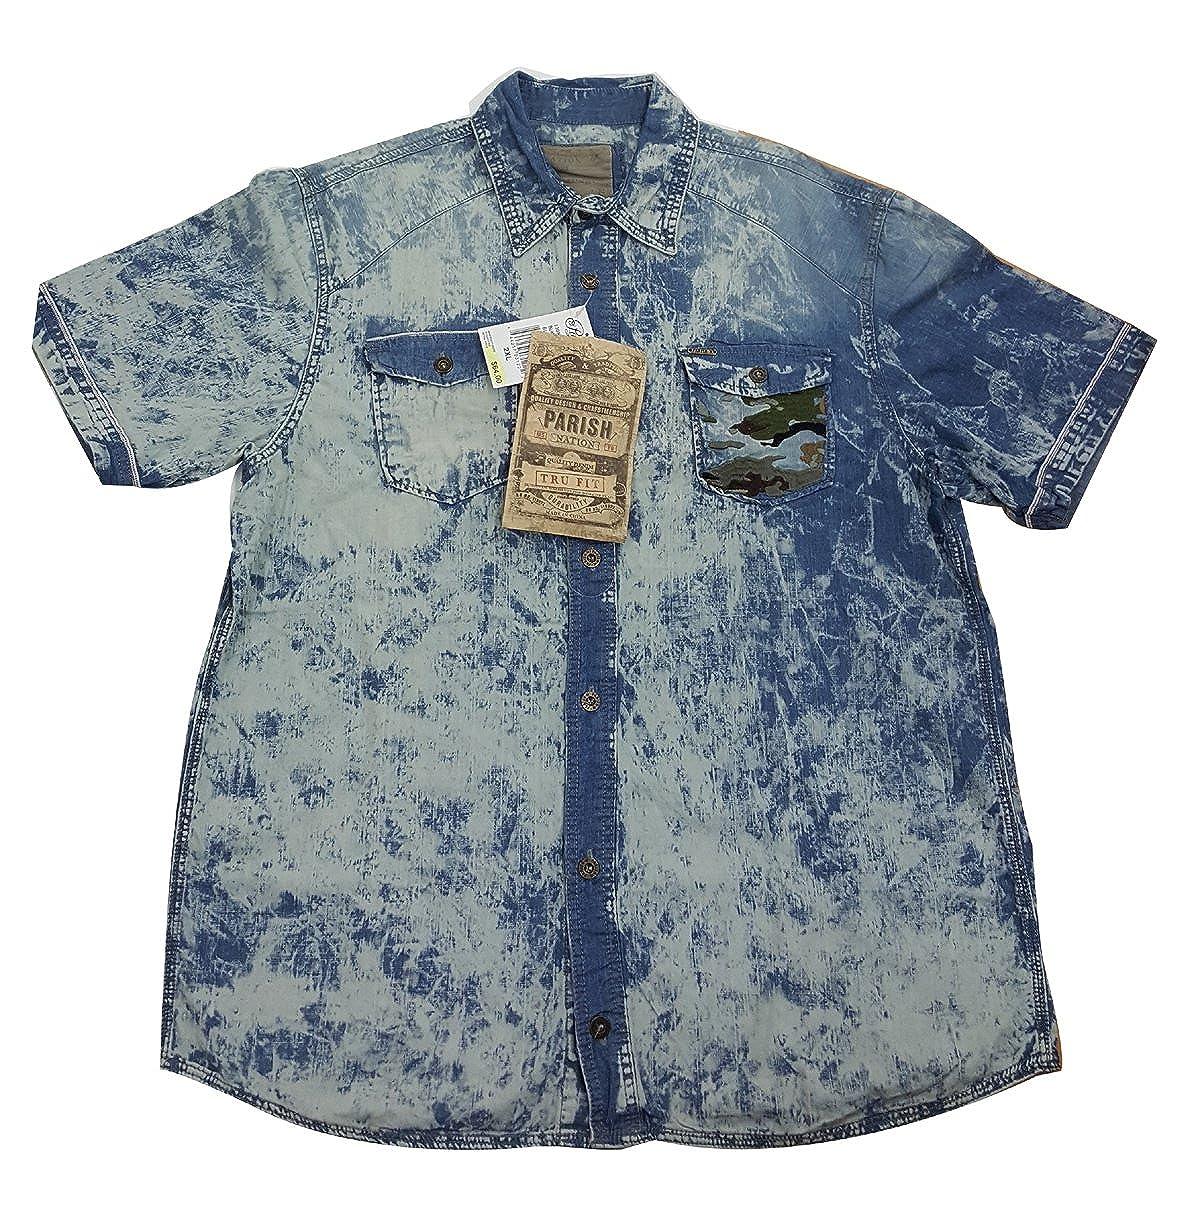 Wash Blue PARISH NATION Mens Short Sleeve Shirt 2XL